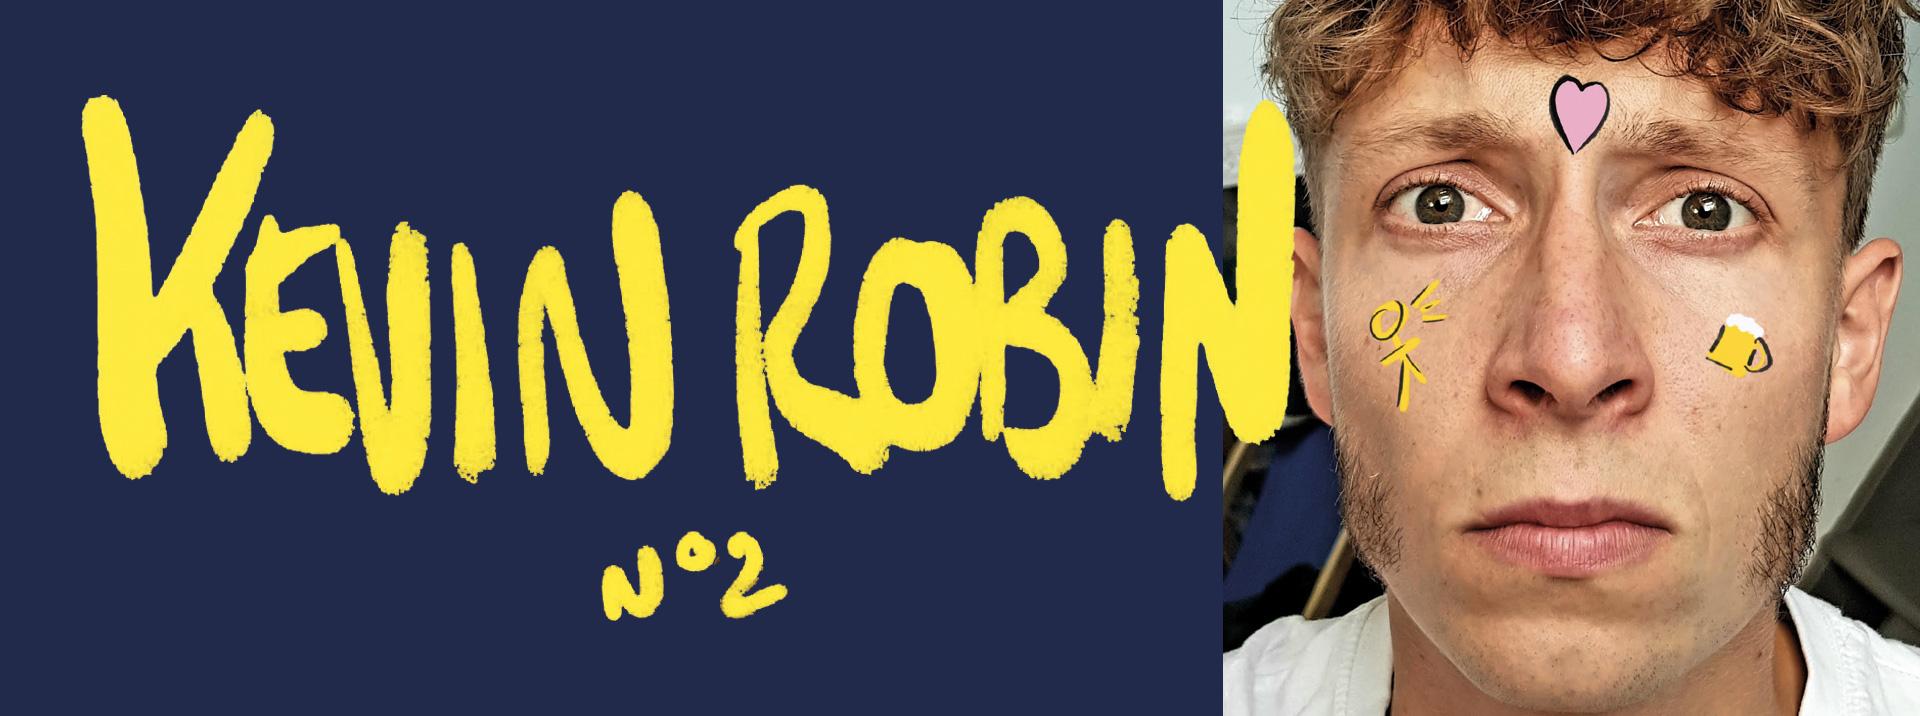 Kevin Robin en spectacle à Nantes